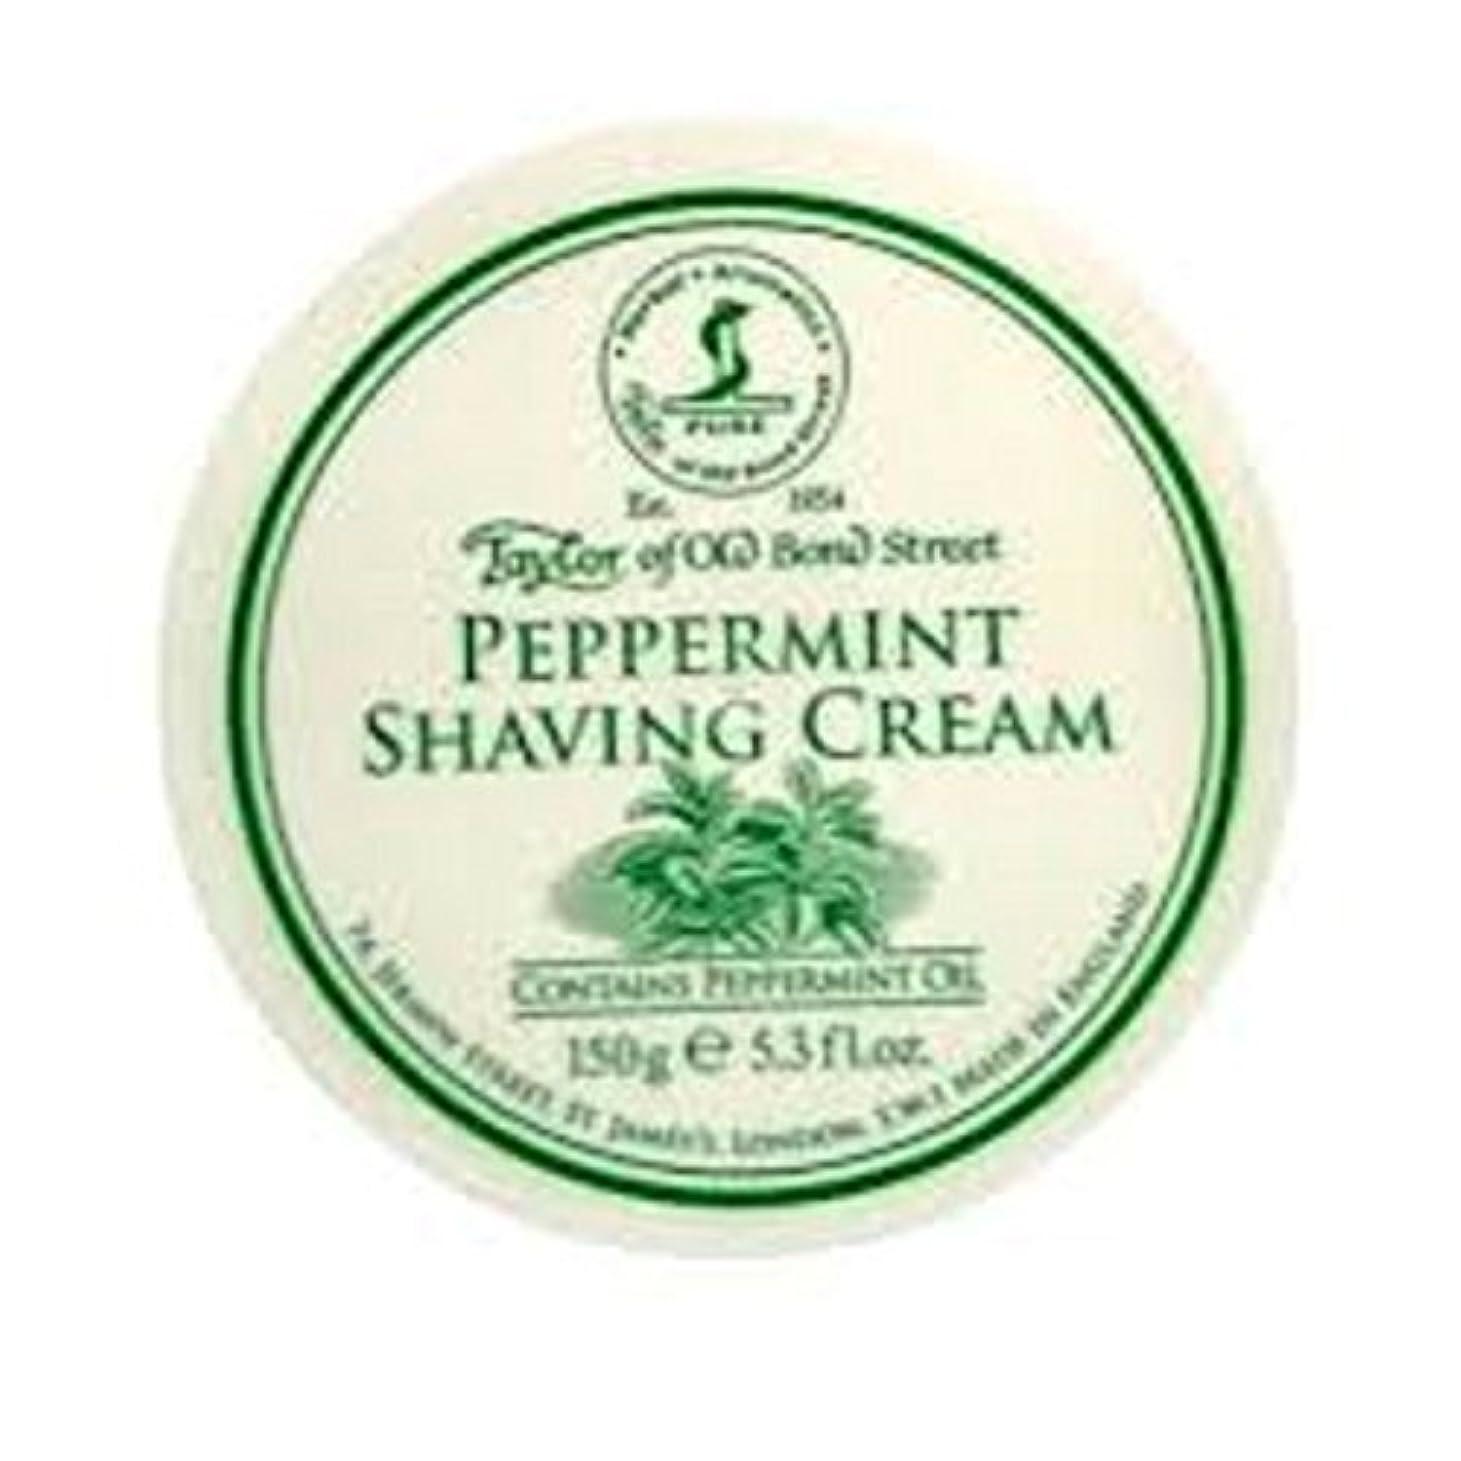 おとうさんターゲット上回るTaylors of Old Bond Street 150g Traditional Shaving Cream Tub (Peppermint) by Taylor of Old Bond Street